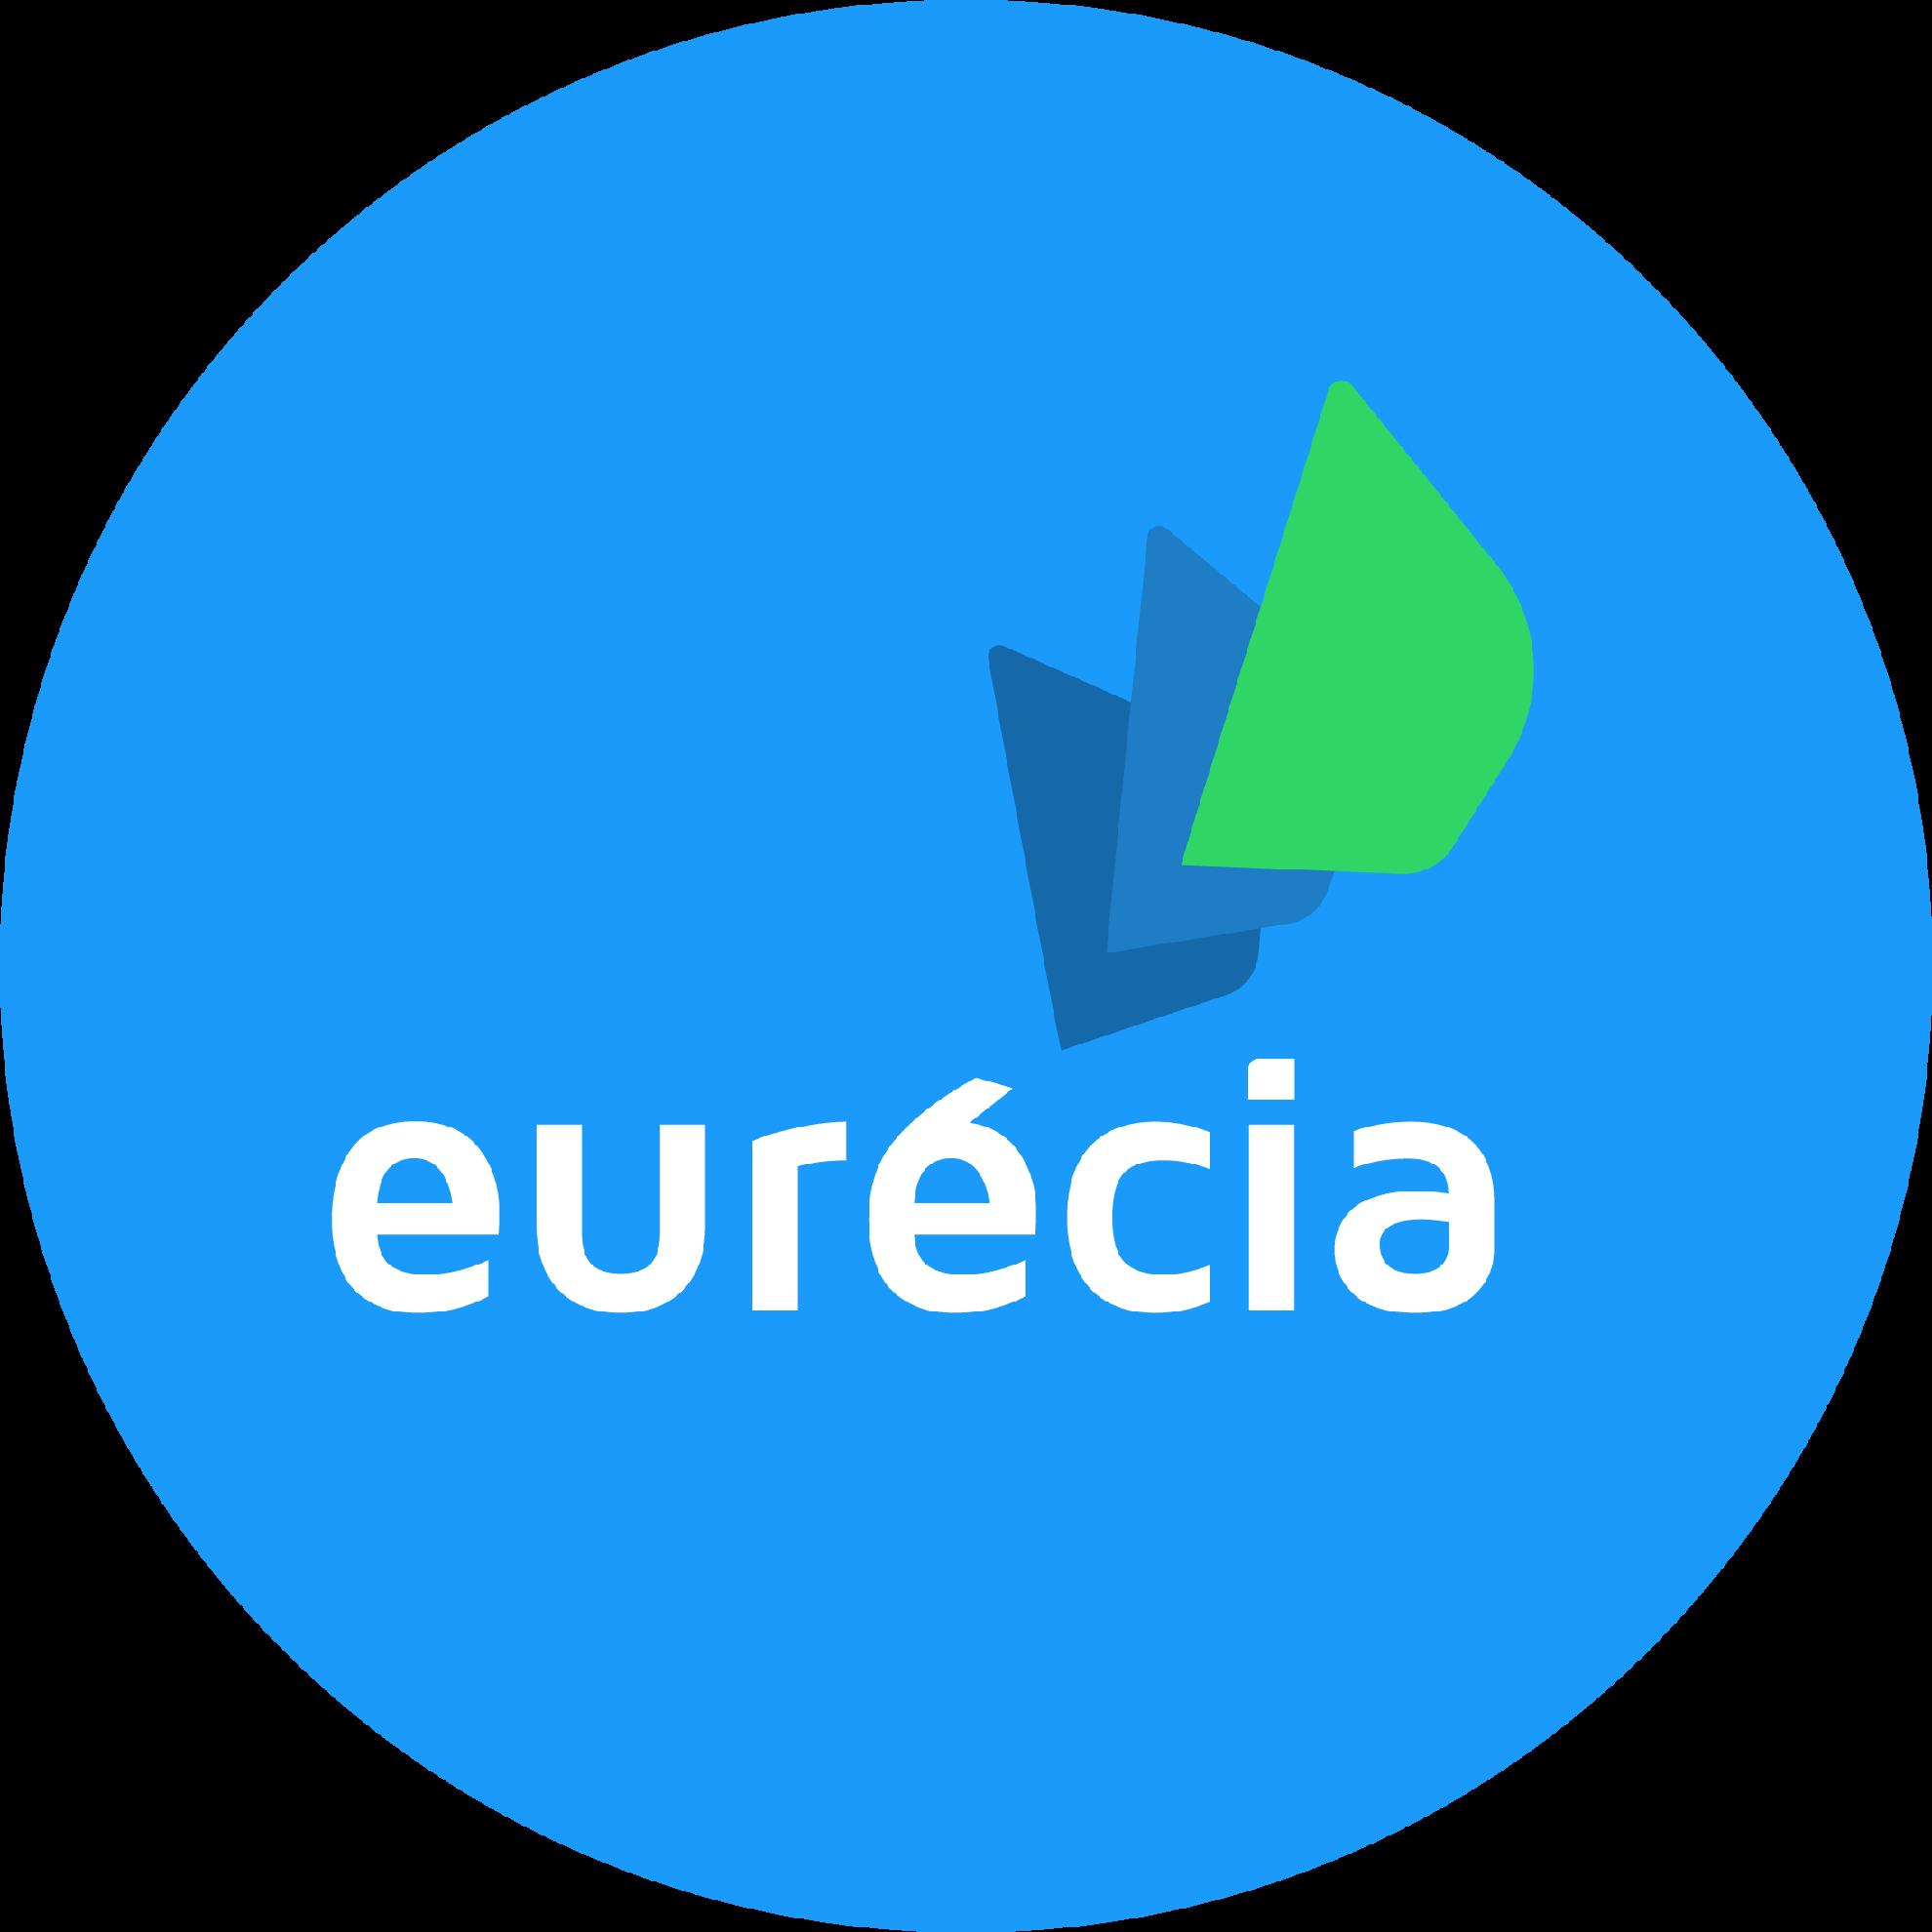 Eurecia a testé In-Spir pour parfumer ses locaux